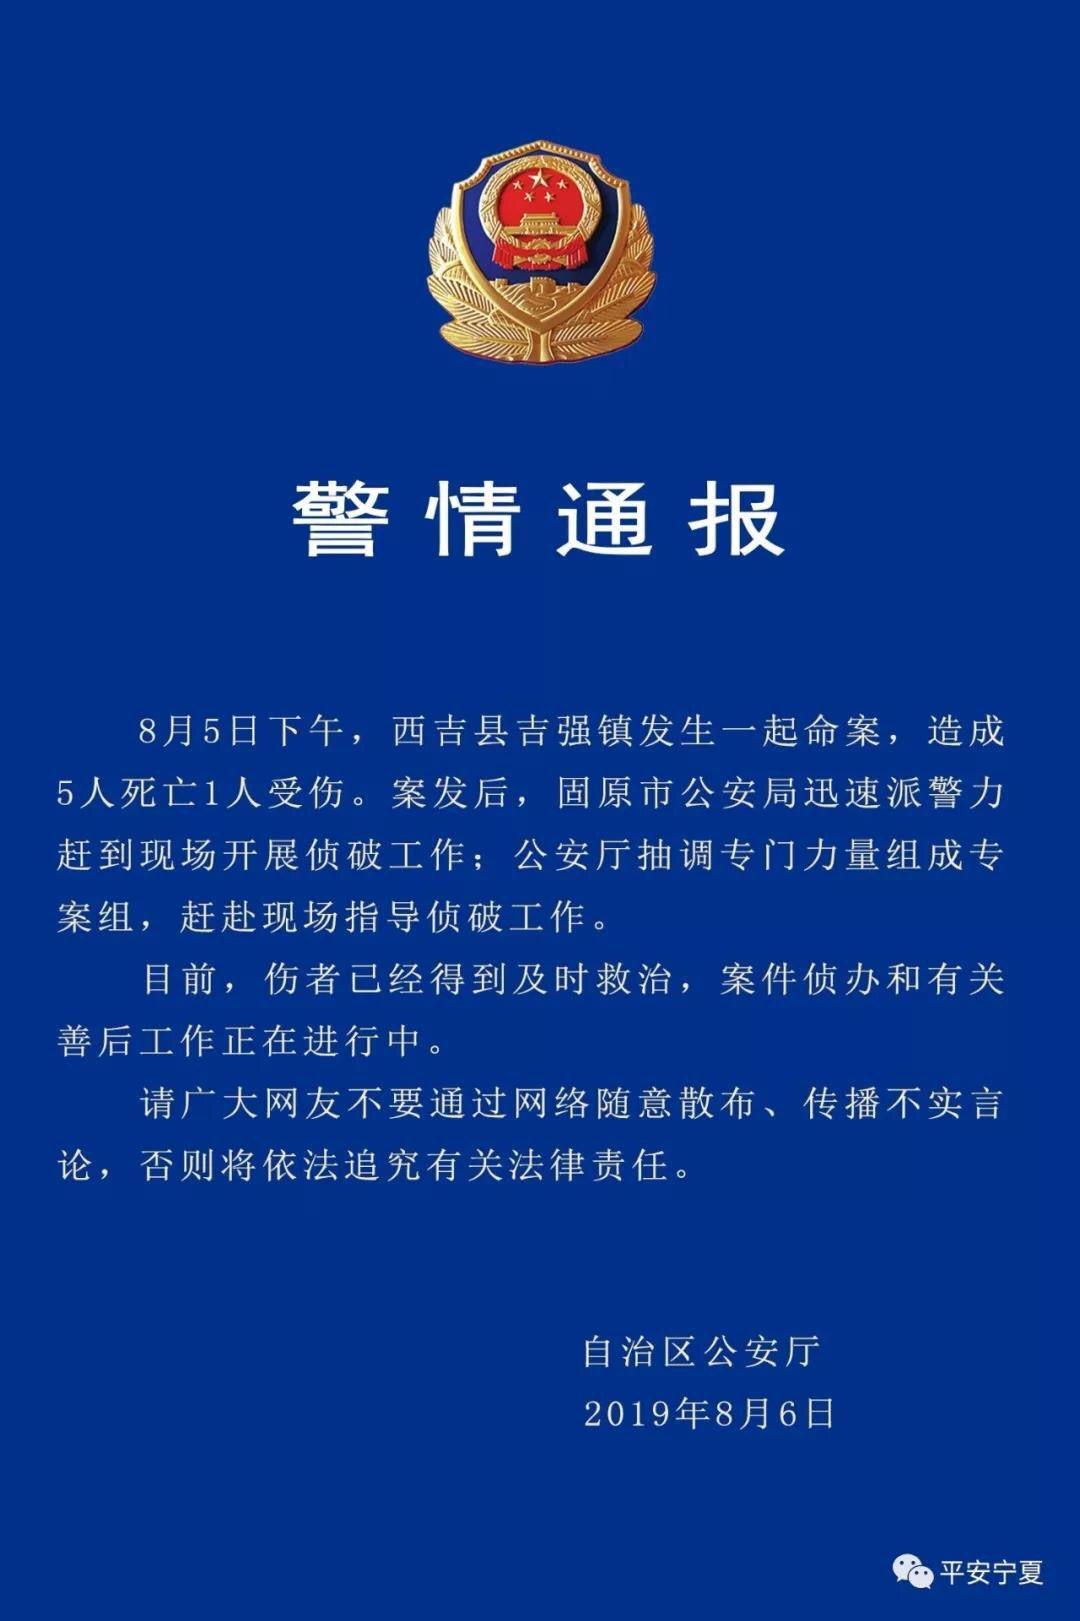 宁夏西吉县发生命案致5死1伤 嫌疑人已被控制,星斗姬